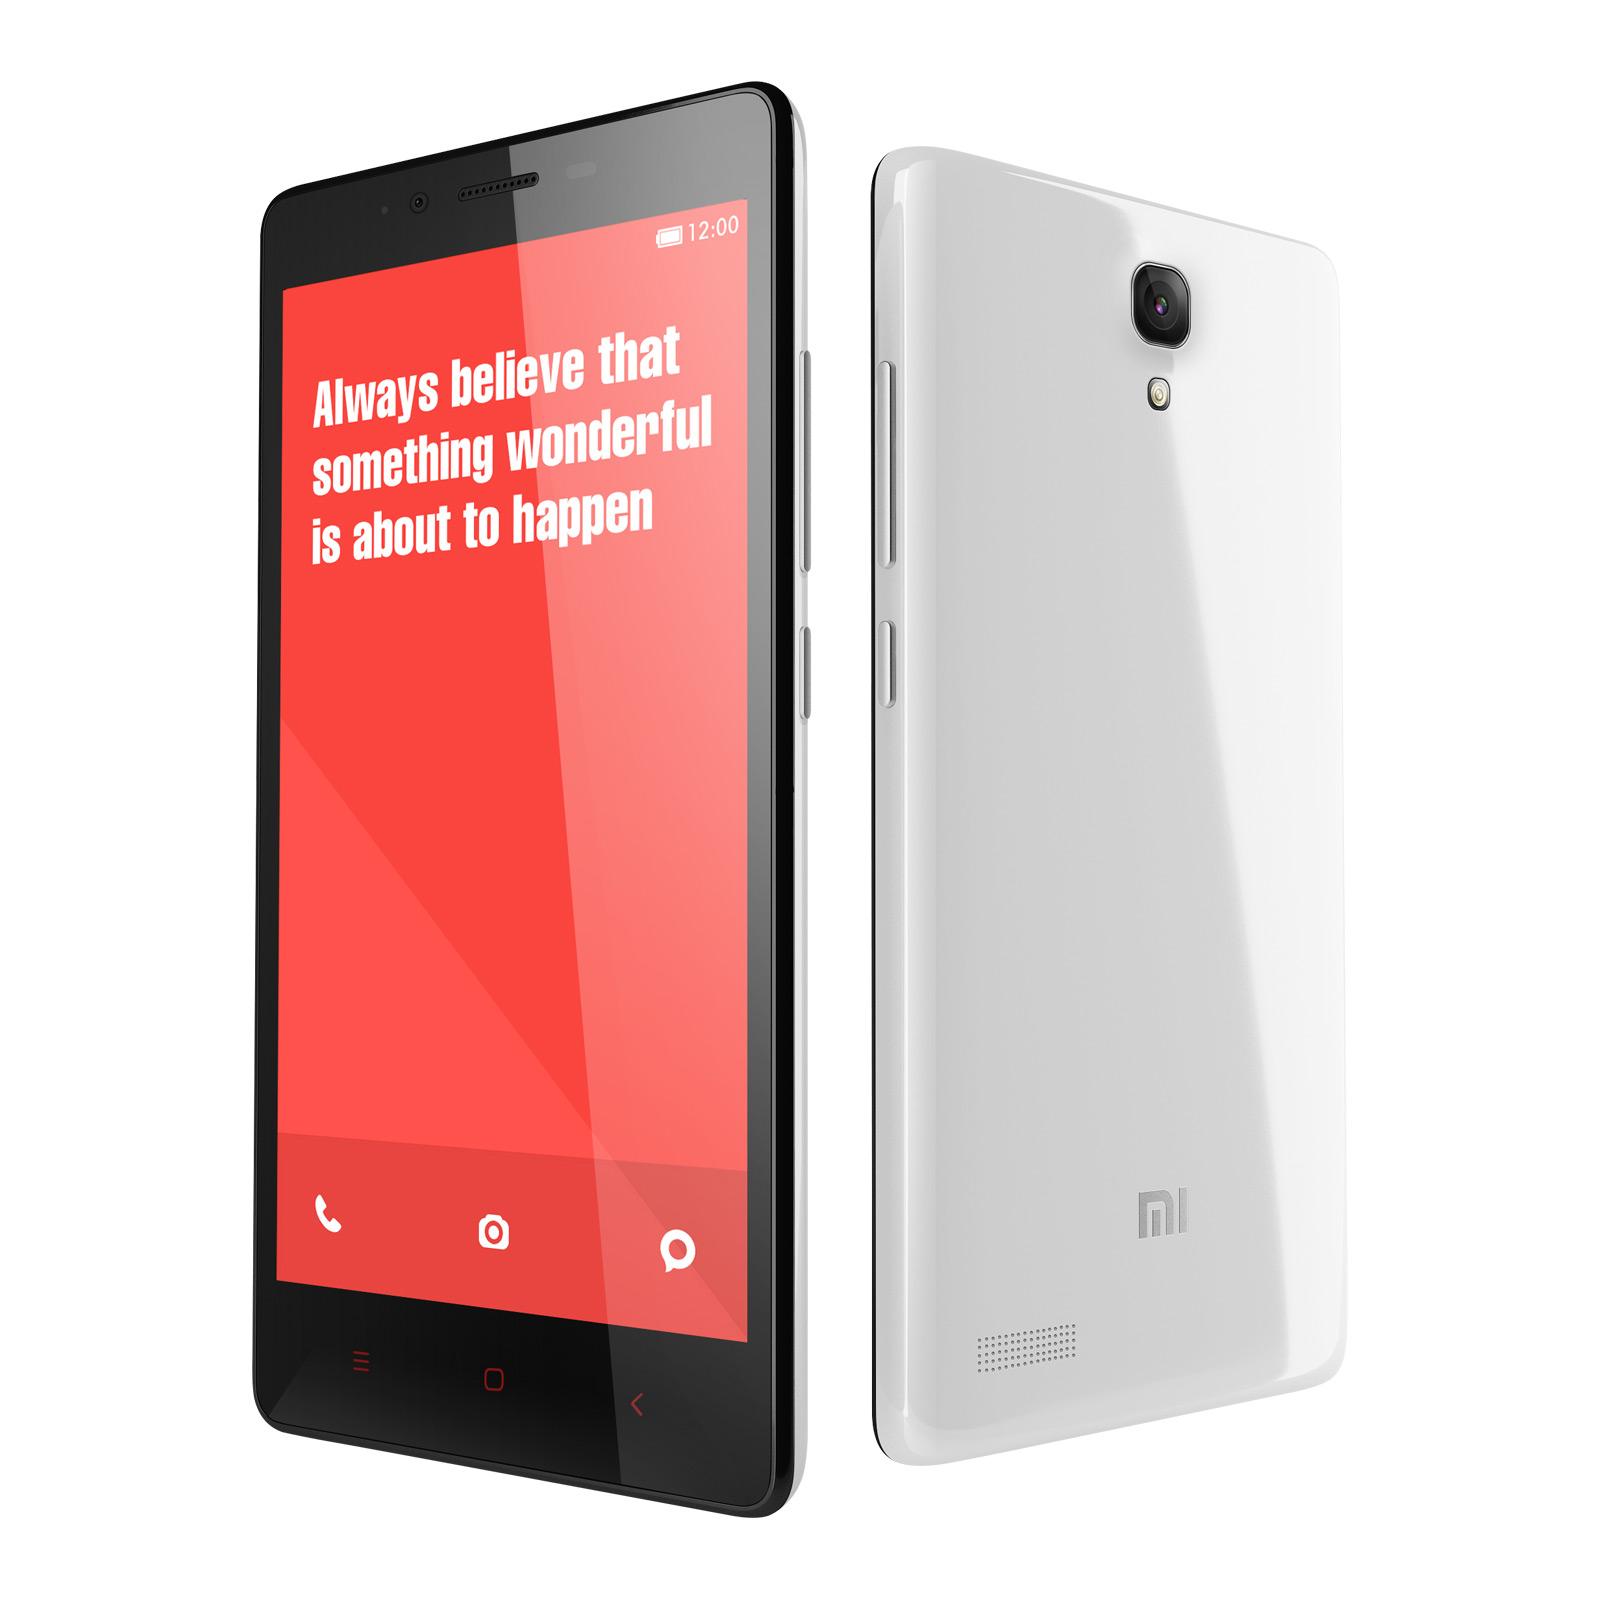 ROM] GUCCI / Rom Redmi Note 4G Lte Dual Bahasa Indonesia